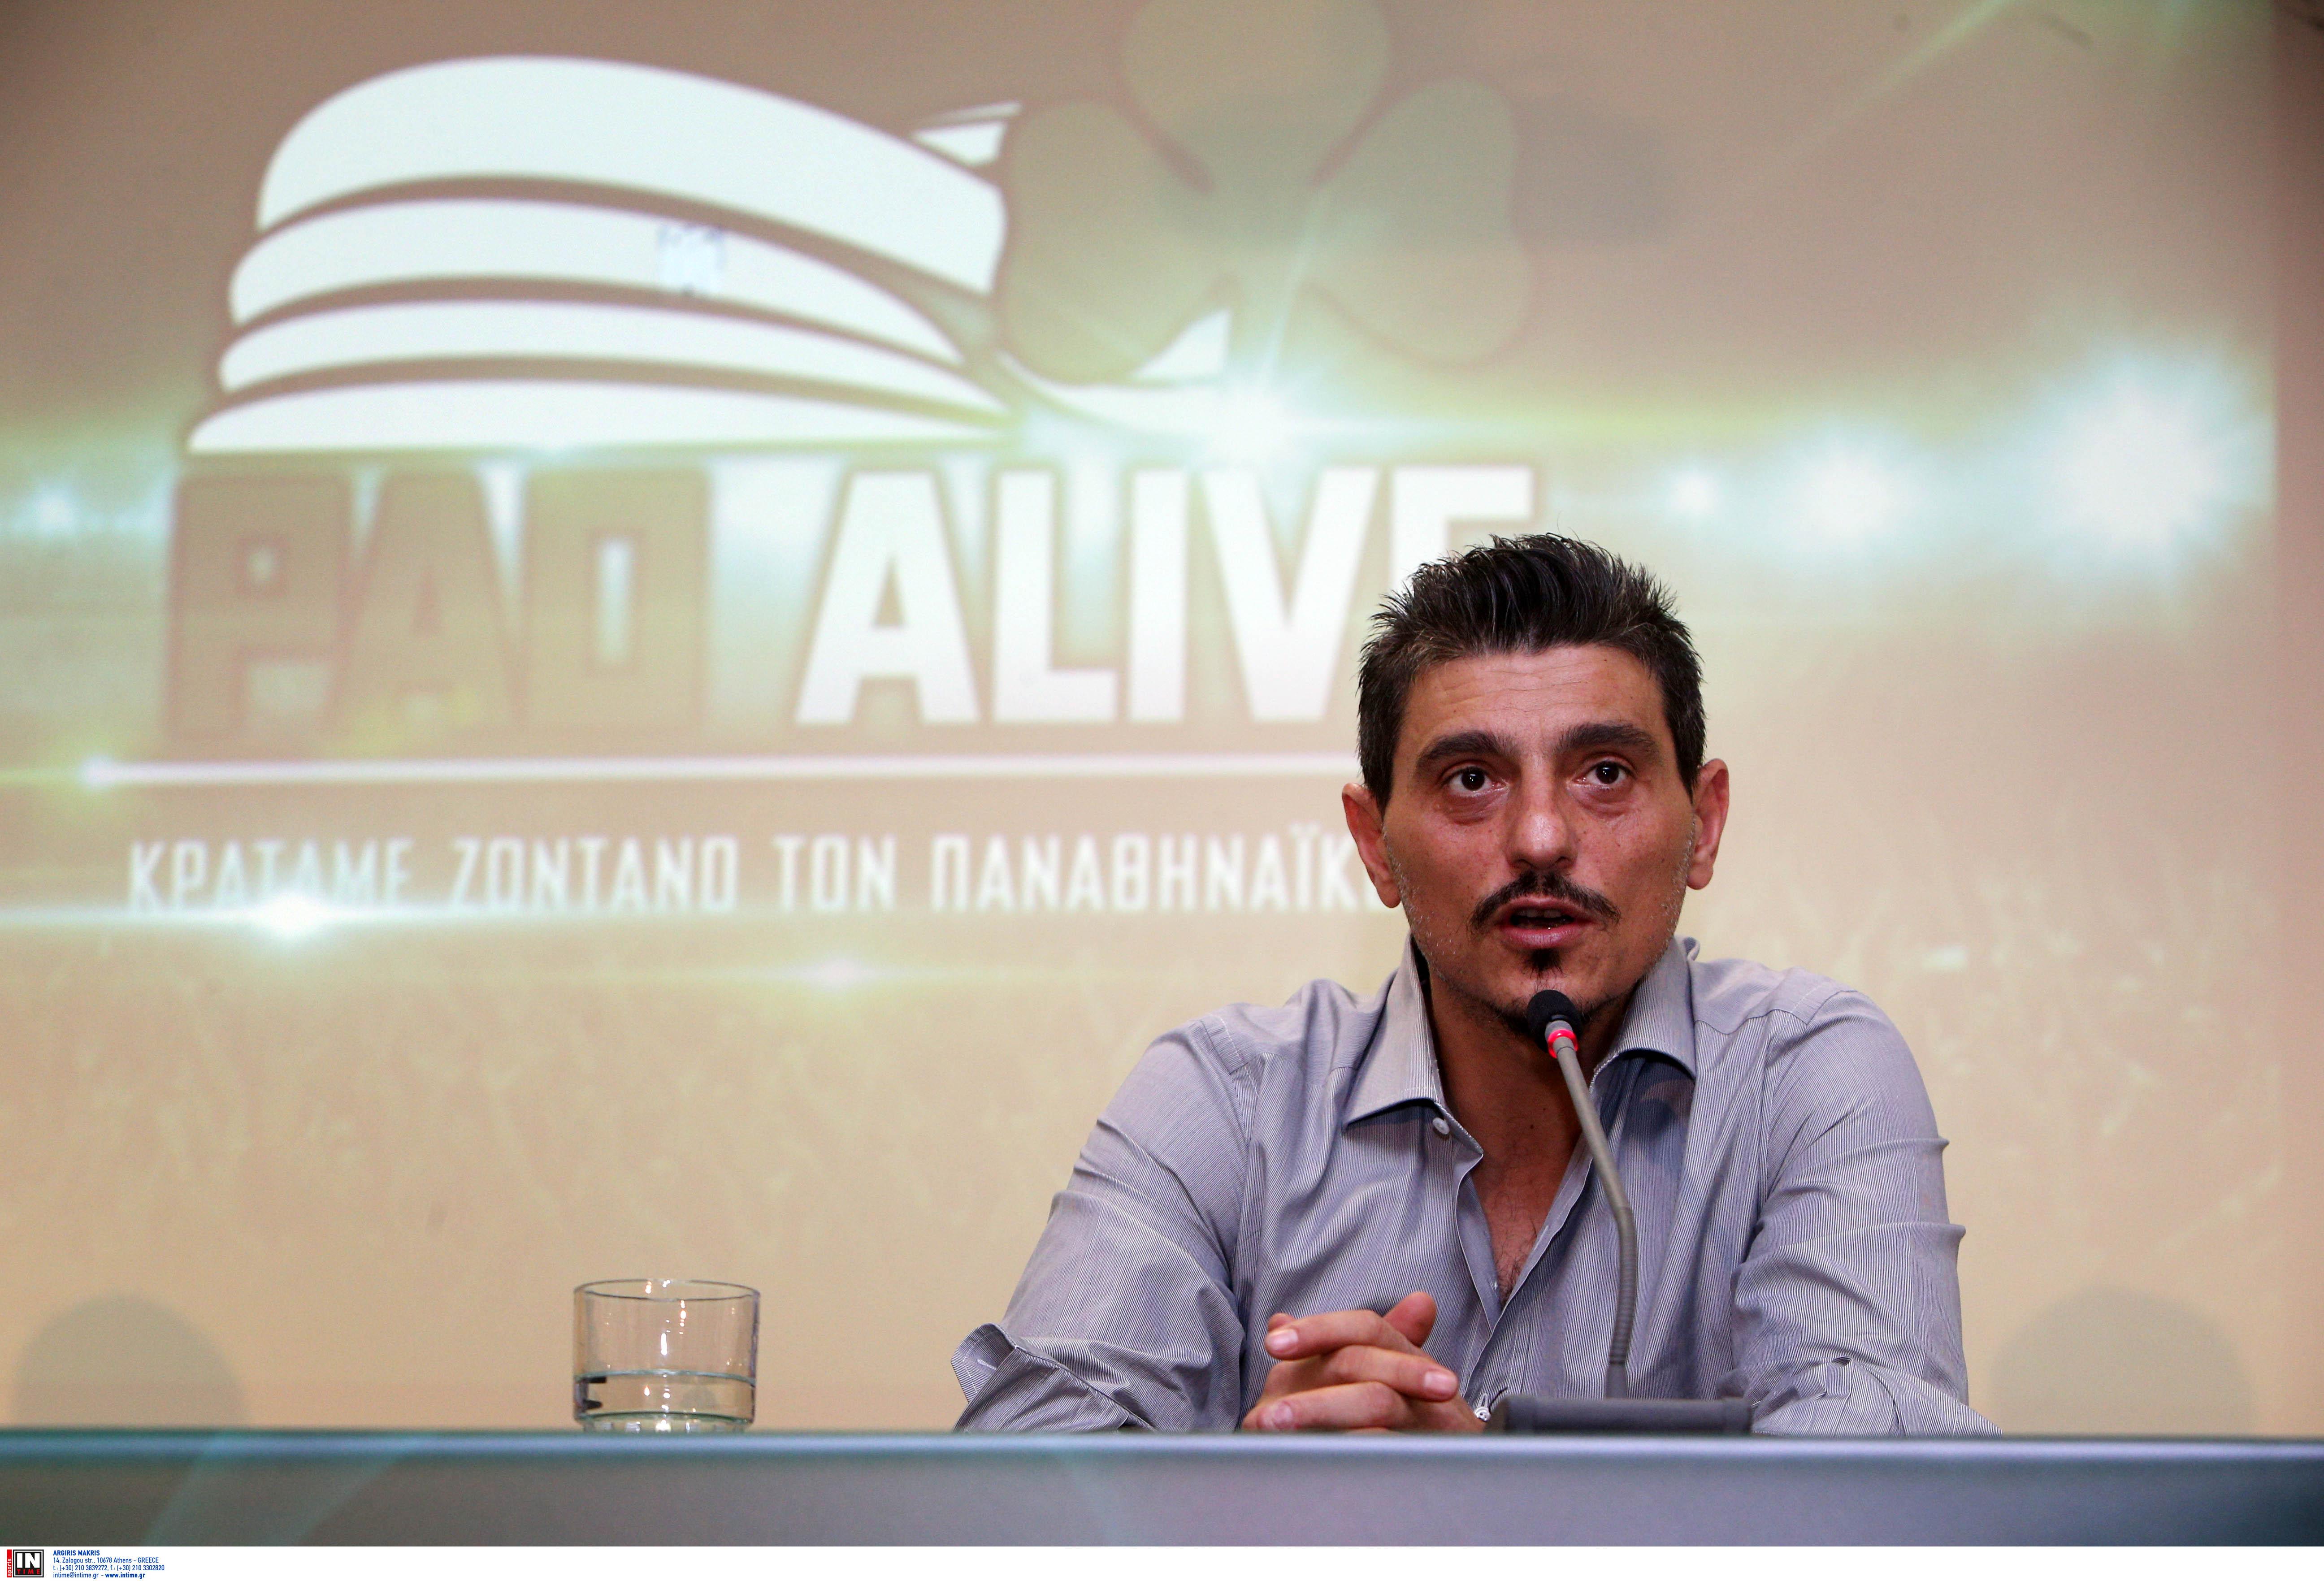 Παναθηναϊκός: Ρίχνει 2,5 εκατ. ευρώ ο Γιαννακόπουλος για το PAO Alive!